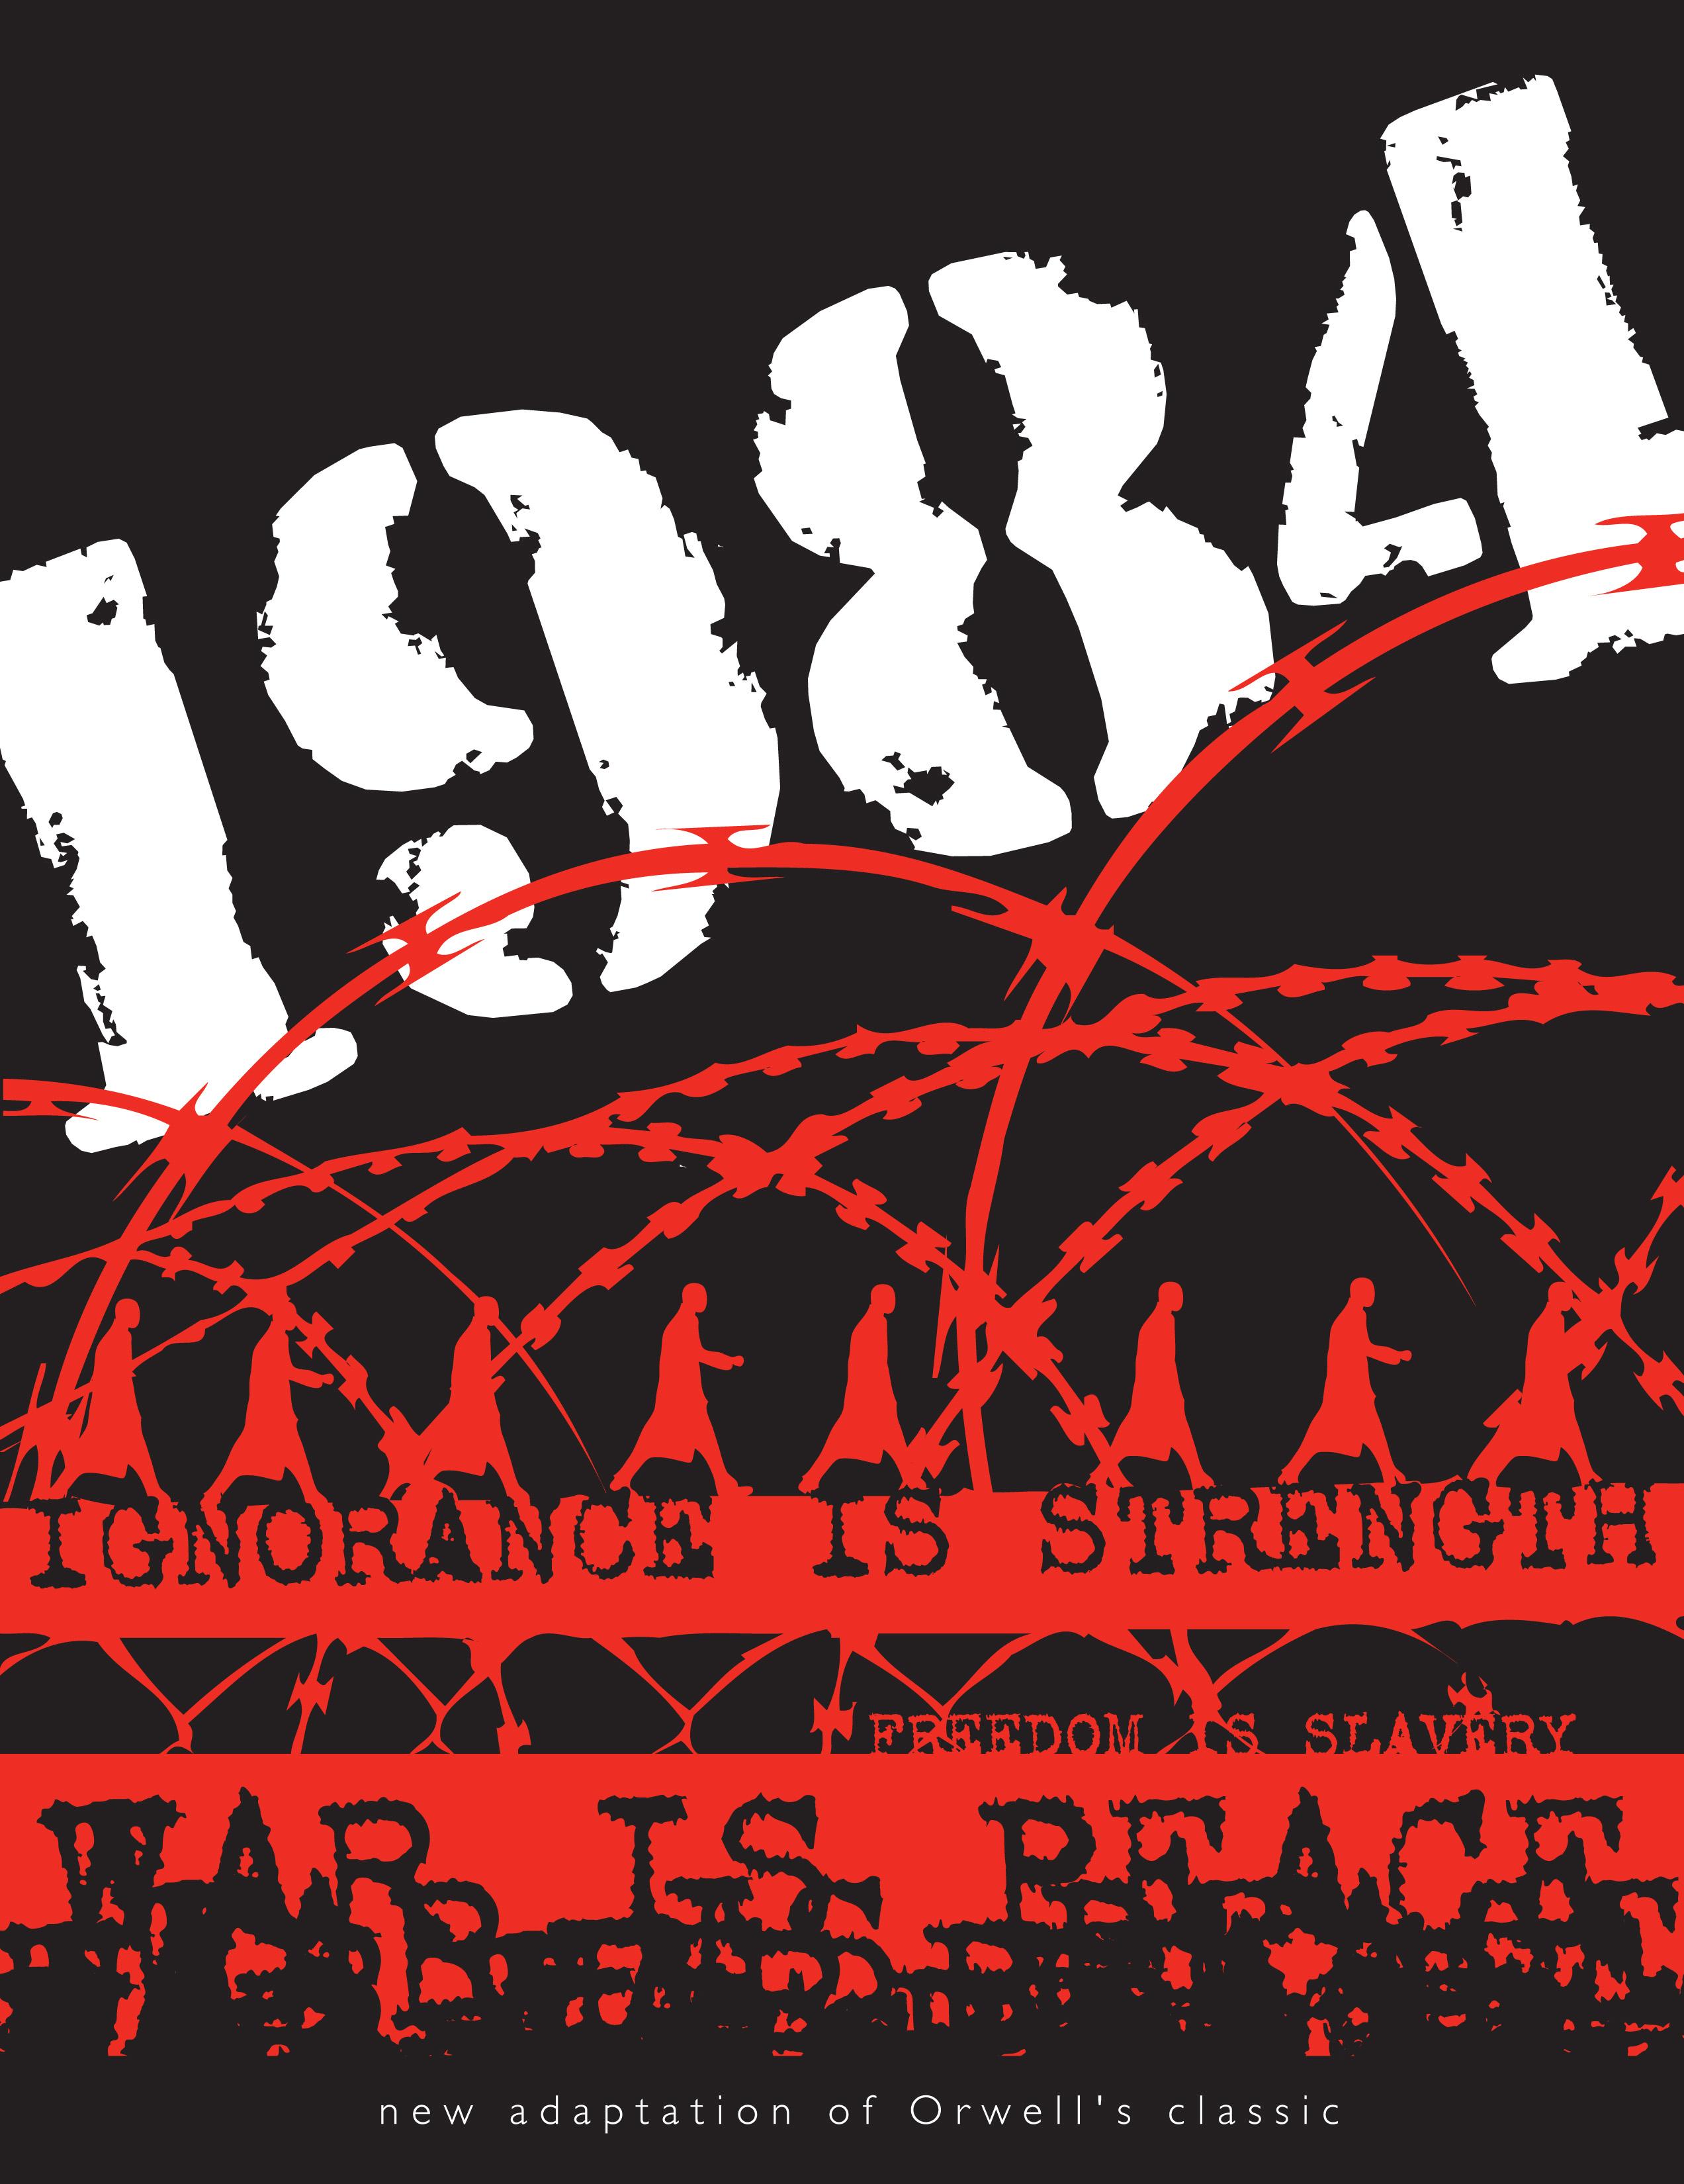 1984 vs today July 5, 1966, $020 jan 1, 1970, $030 jan 1, 1972, $035 sept 1, 1975, $050  june 29, 1980, $060 july 4, 1981, $075 jan 1 1984, $090.